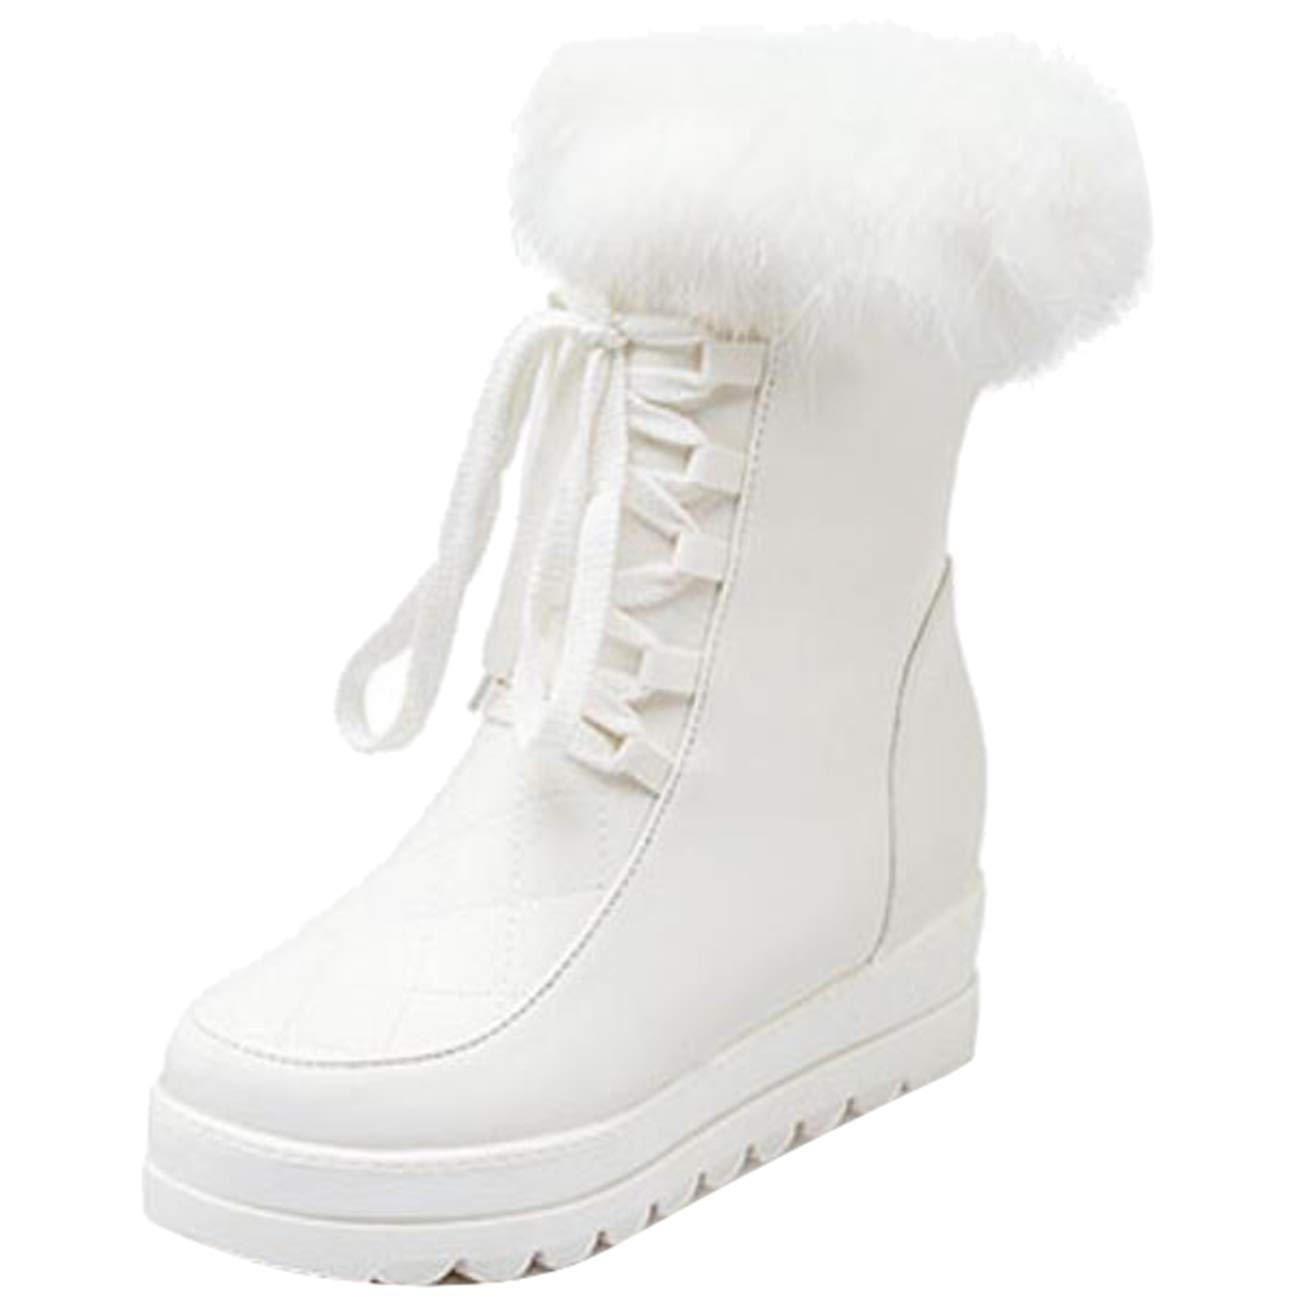 Eeayyygch Damen Damen Damen Schnürschuhe mit Rundum-Zehe-Flatform-Zip-Pelz (Farbe   Weiß, Größe   7 UK) 373c1f